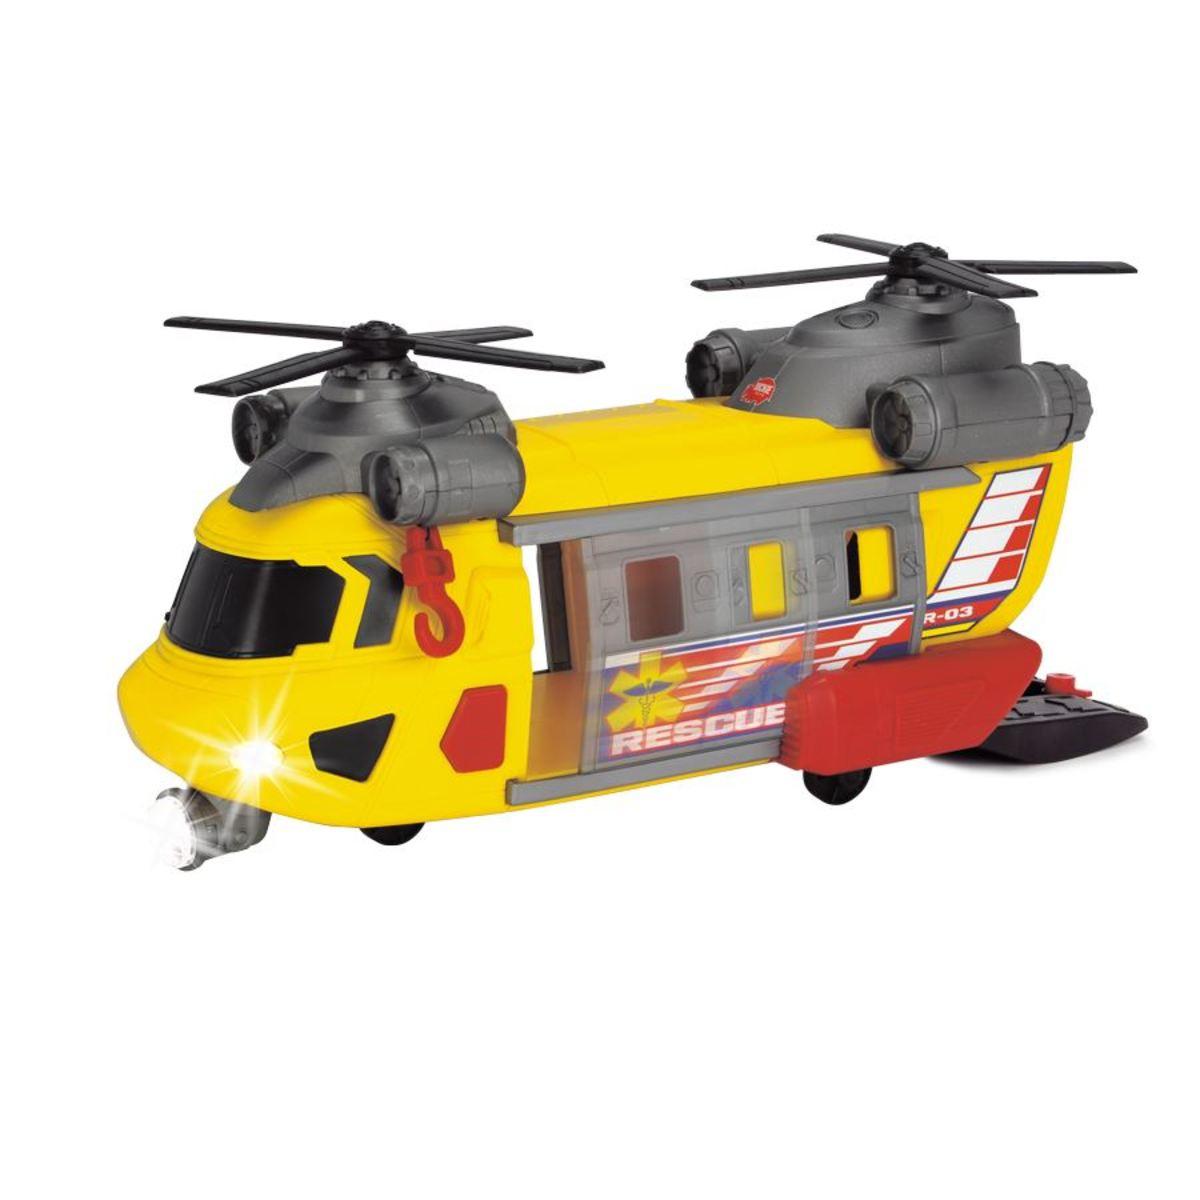 Bild 2 von Dickie Toys Rettungshubschrauber Rescue Helicopter